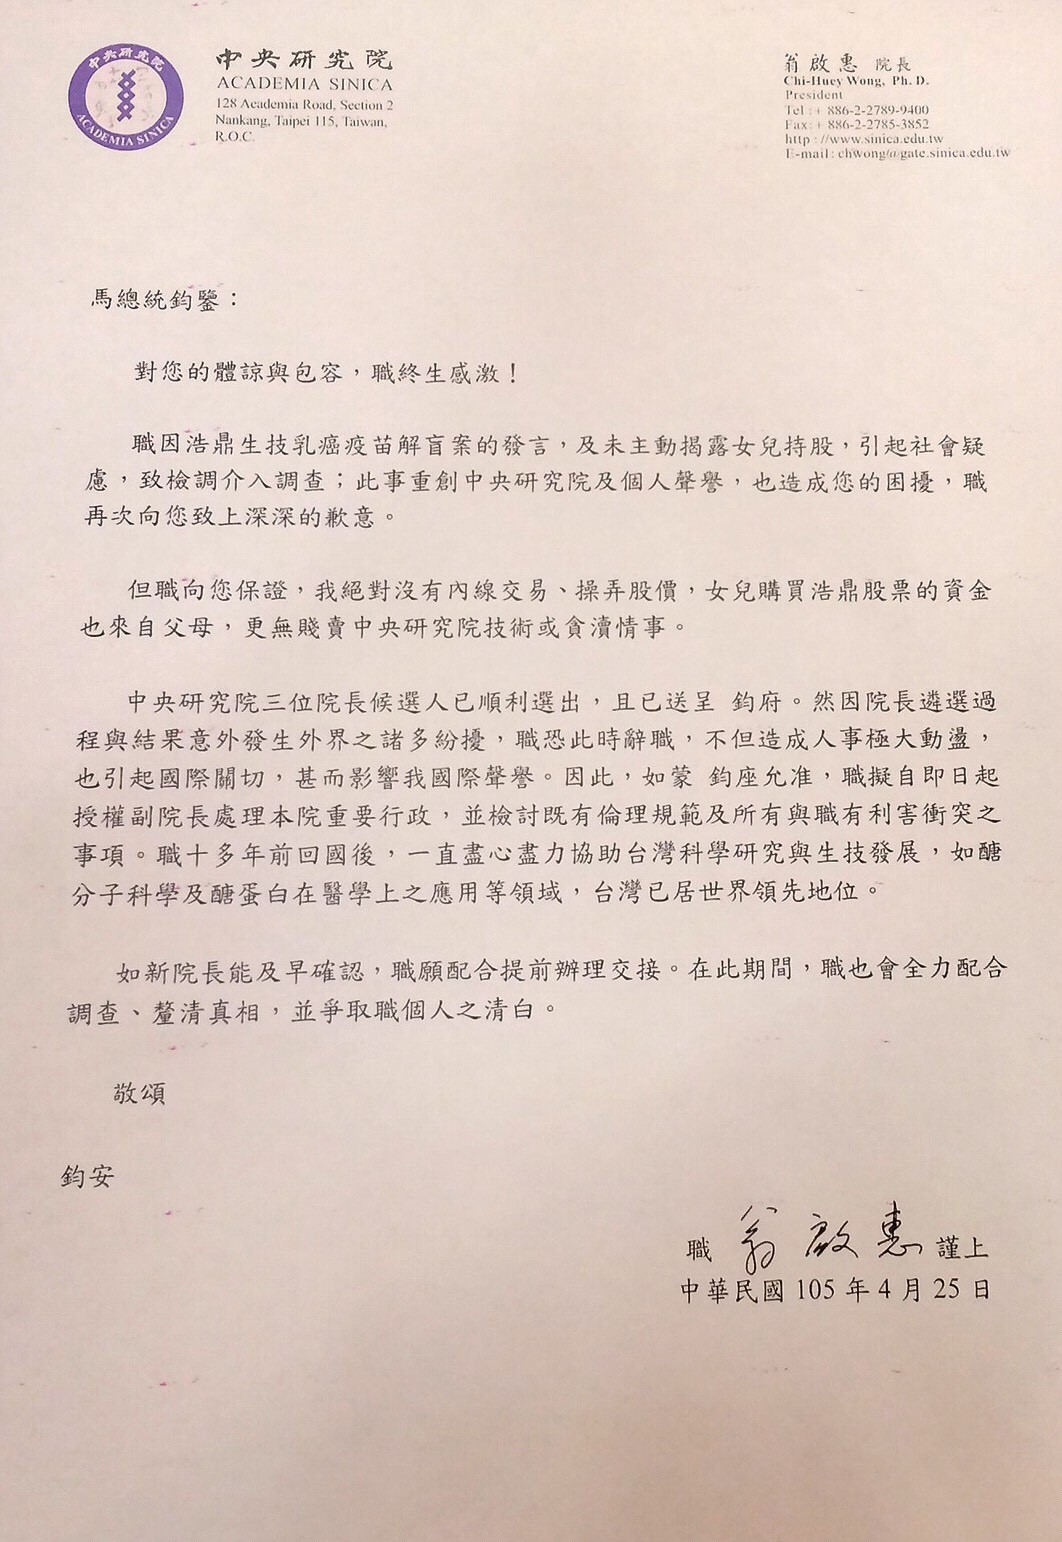 快訊/翁啟惠不辭僅願提前交接 馬英九:與外界期待有落差